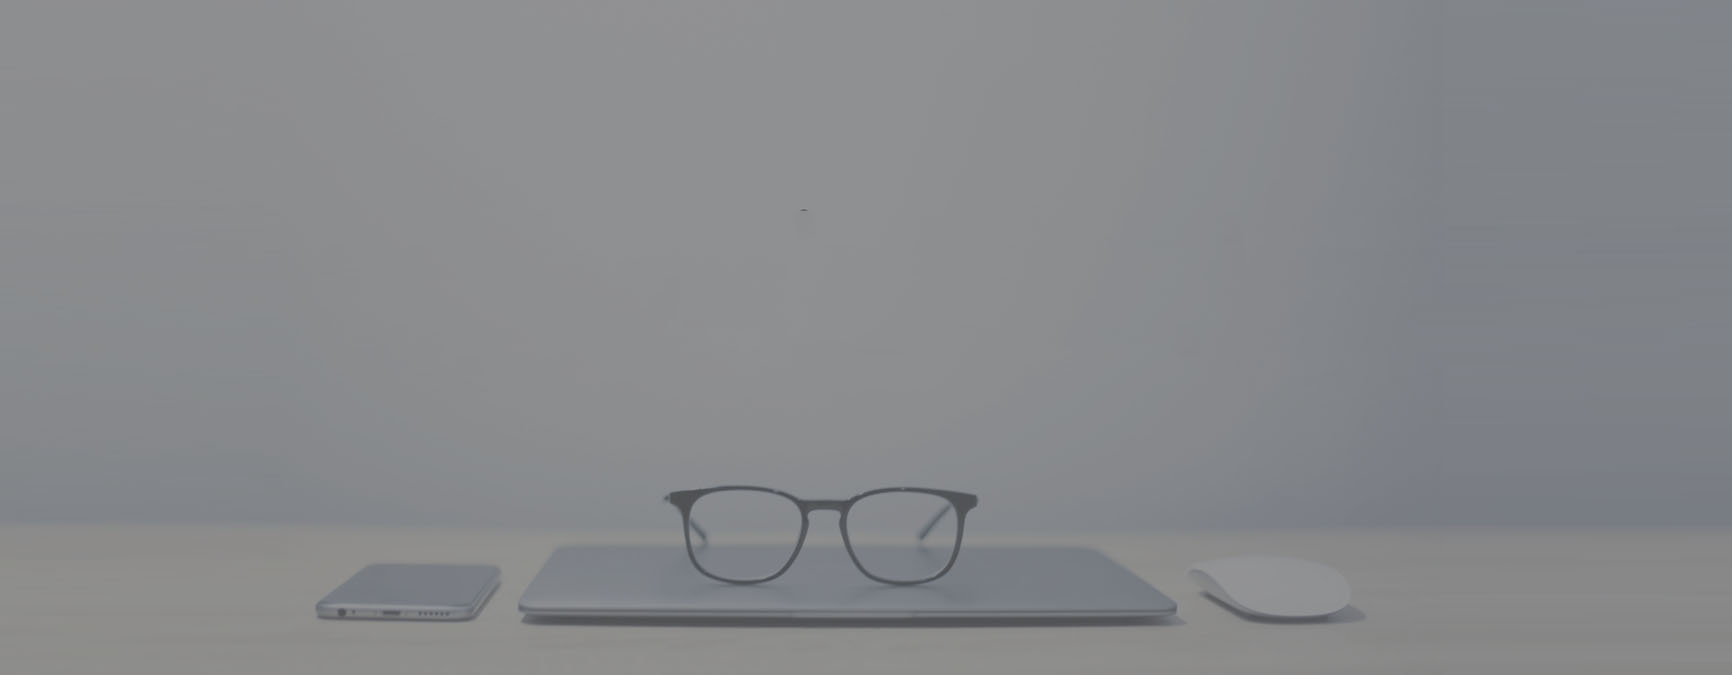 هفت دلیل اصلی برای سرمایه گذاری استارتاپ ها در طراحی تجربه کاربری یک محصول دیجیتال